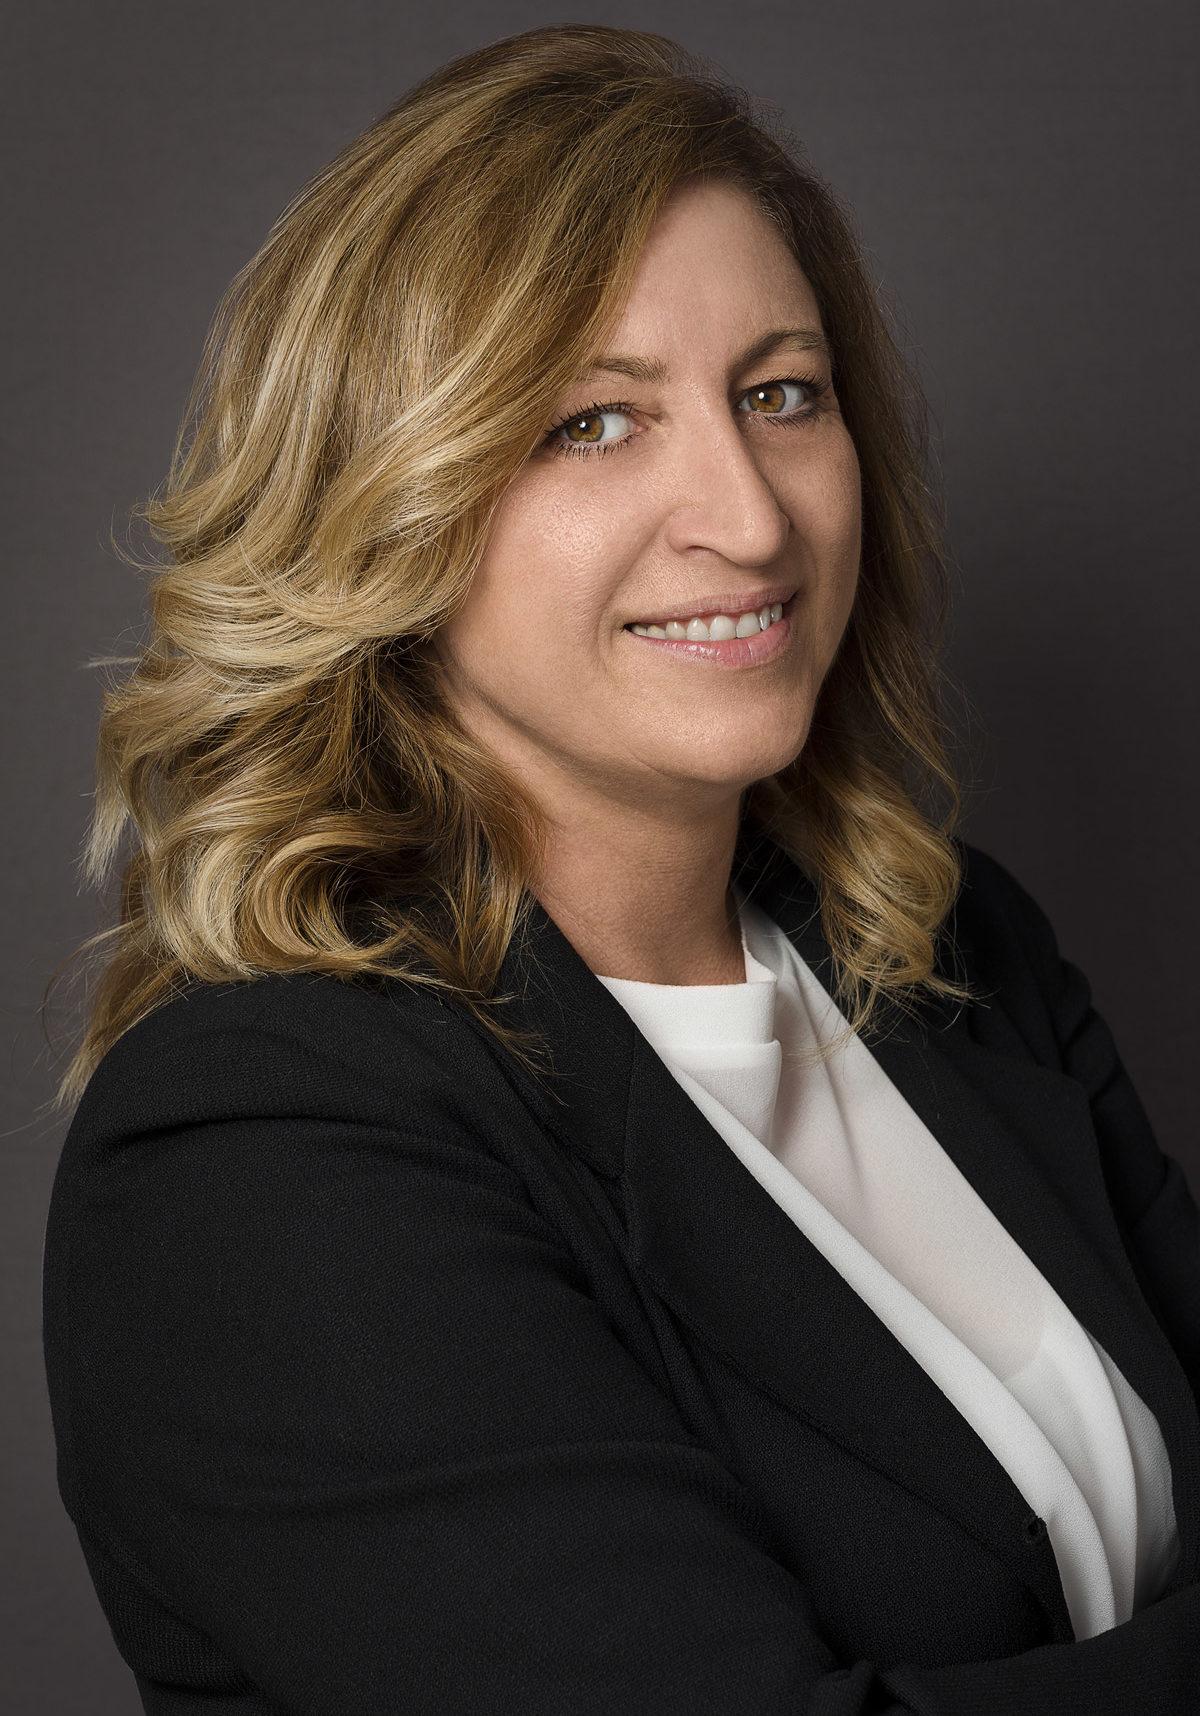 Ritratto Professionale di un'imprenditrice - Fotografia - Foto Aziendale - Omar Viara Fotografo a Torino